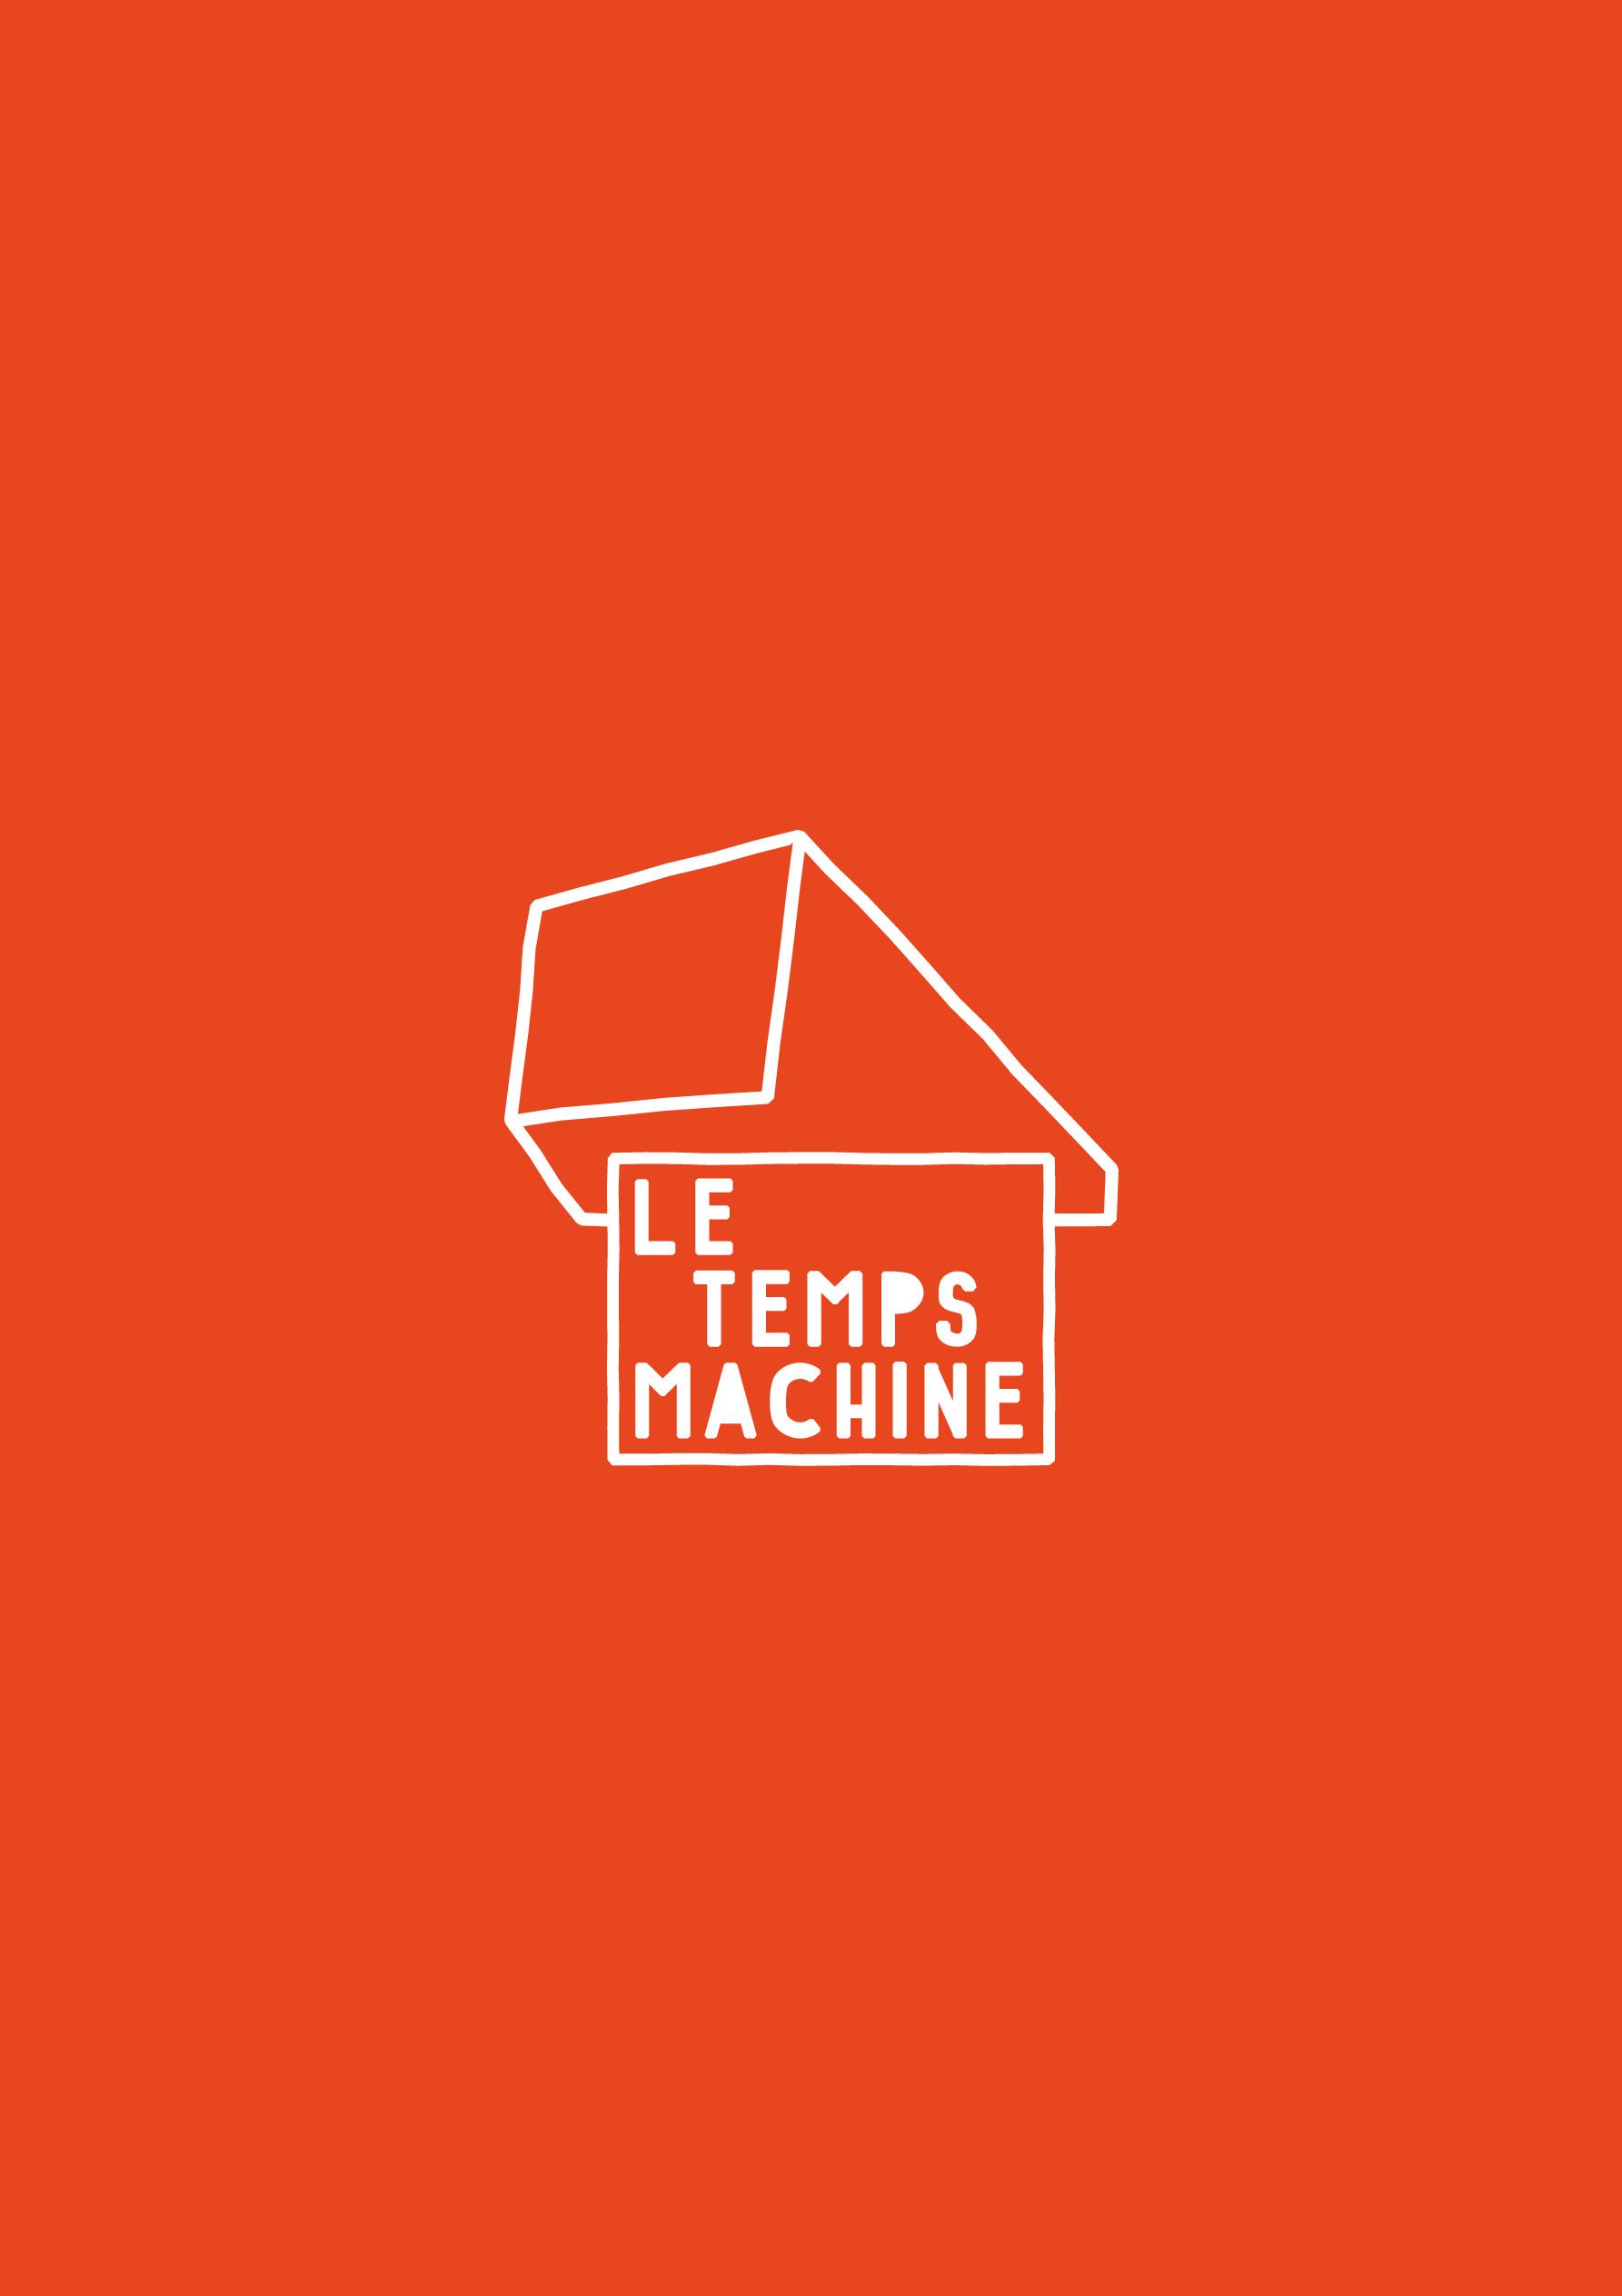 Le Temps Machine Logo